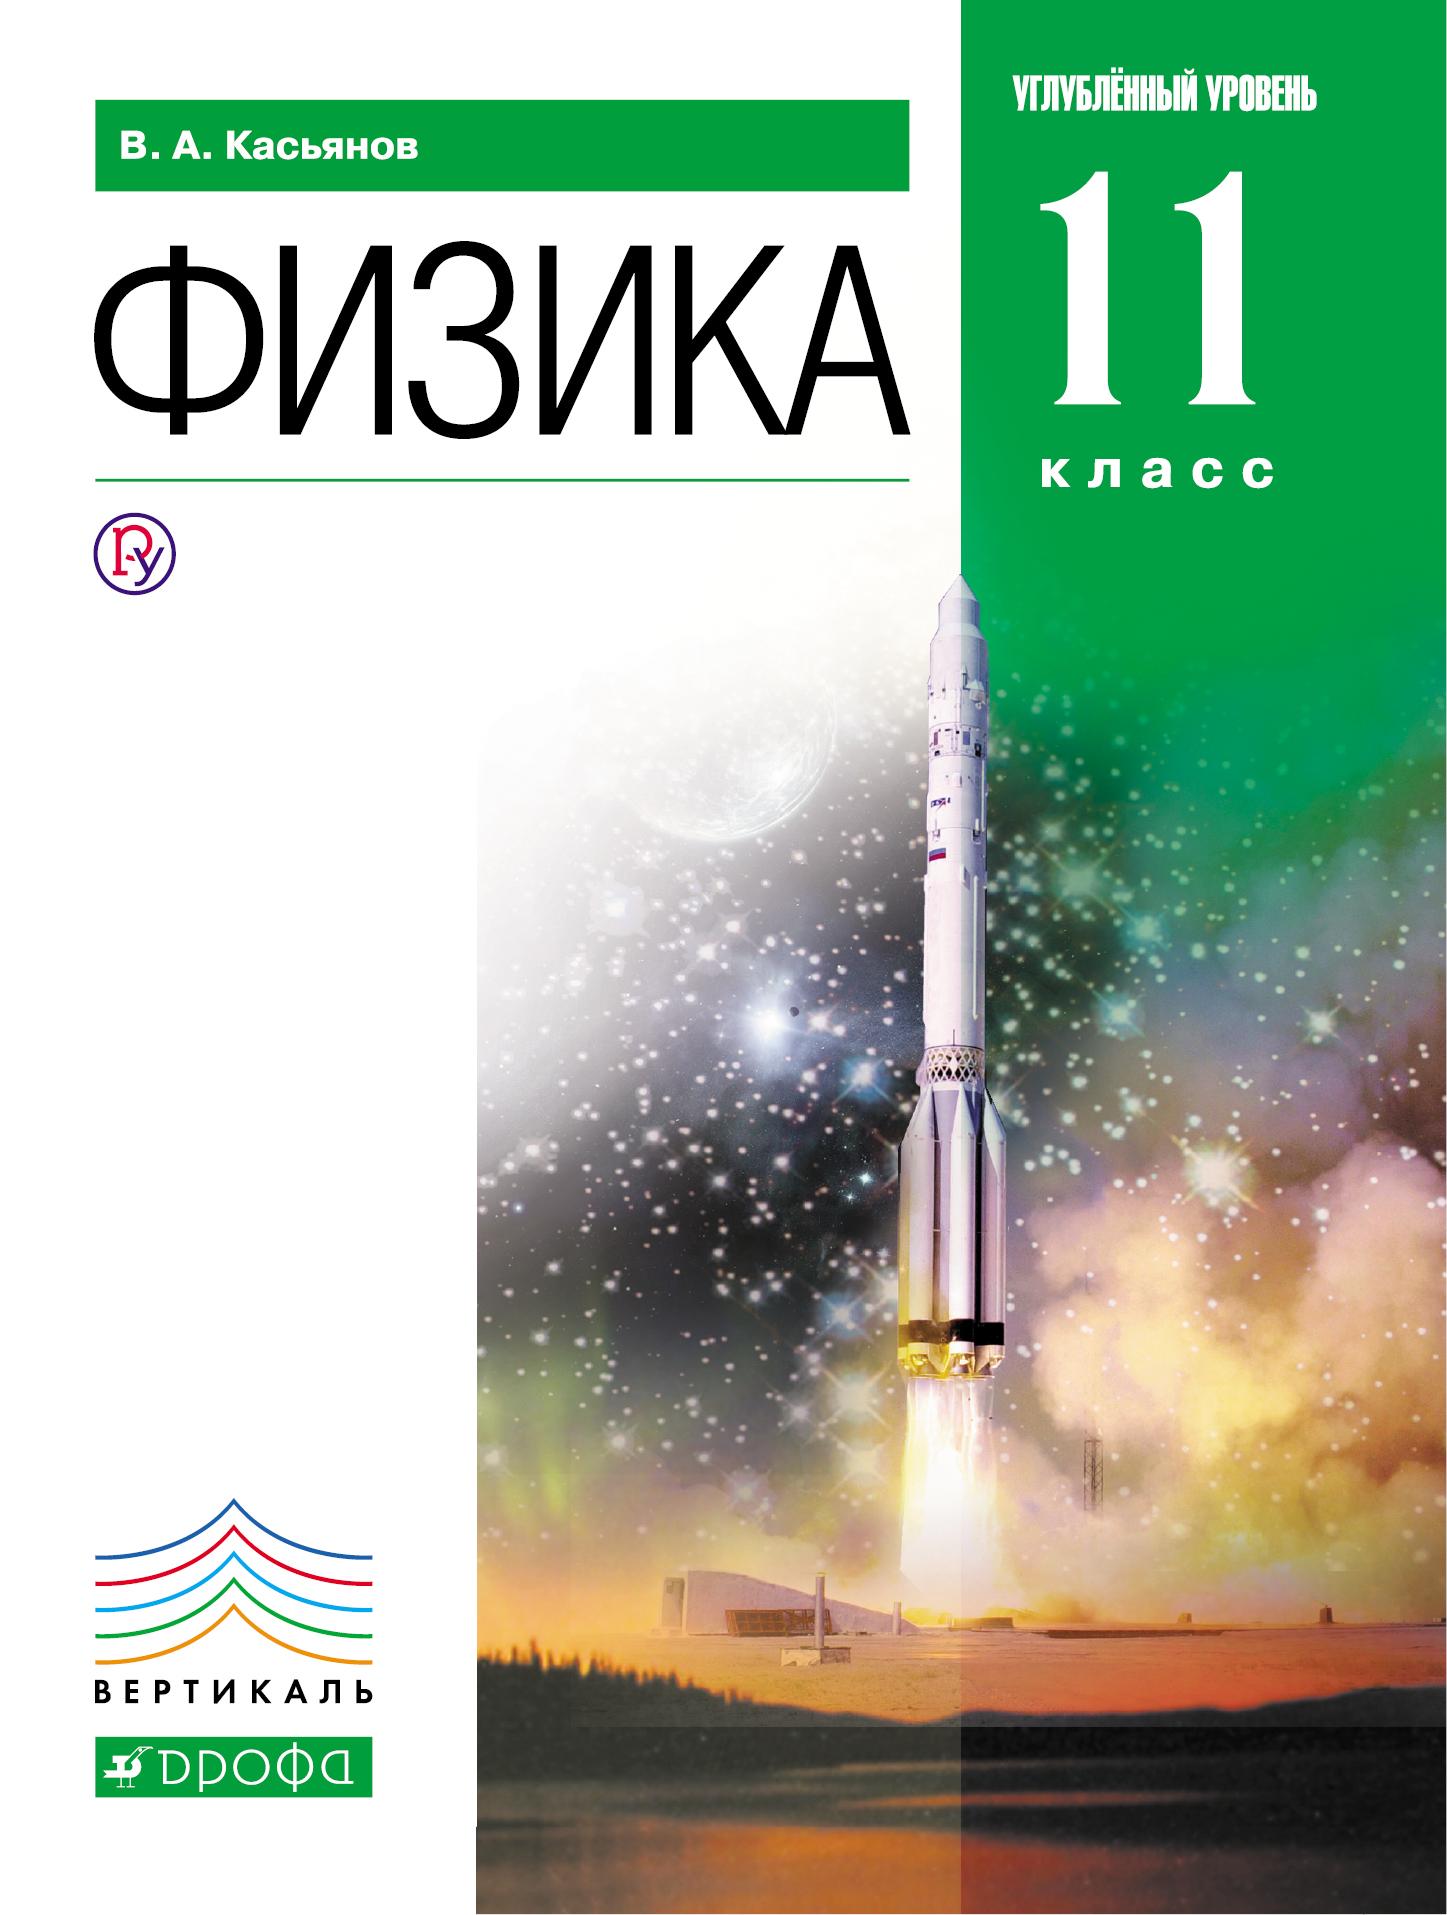 Касьянов В.А. Физика. Углубленный уровень. 11 класс. Учебник физика 10 класс учебник базовый и углубленный уровни в 3 х частях фгос